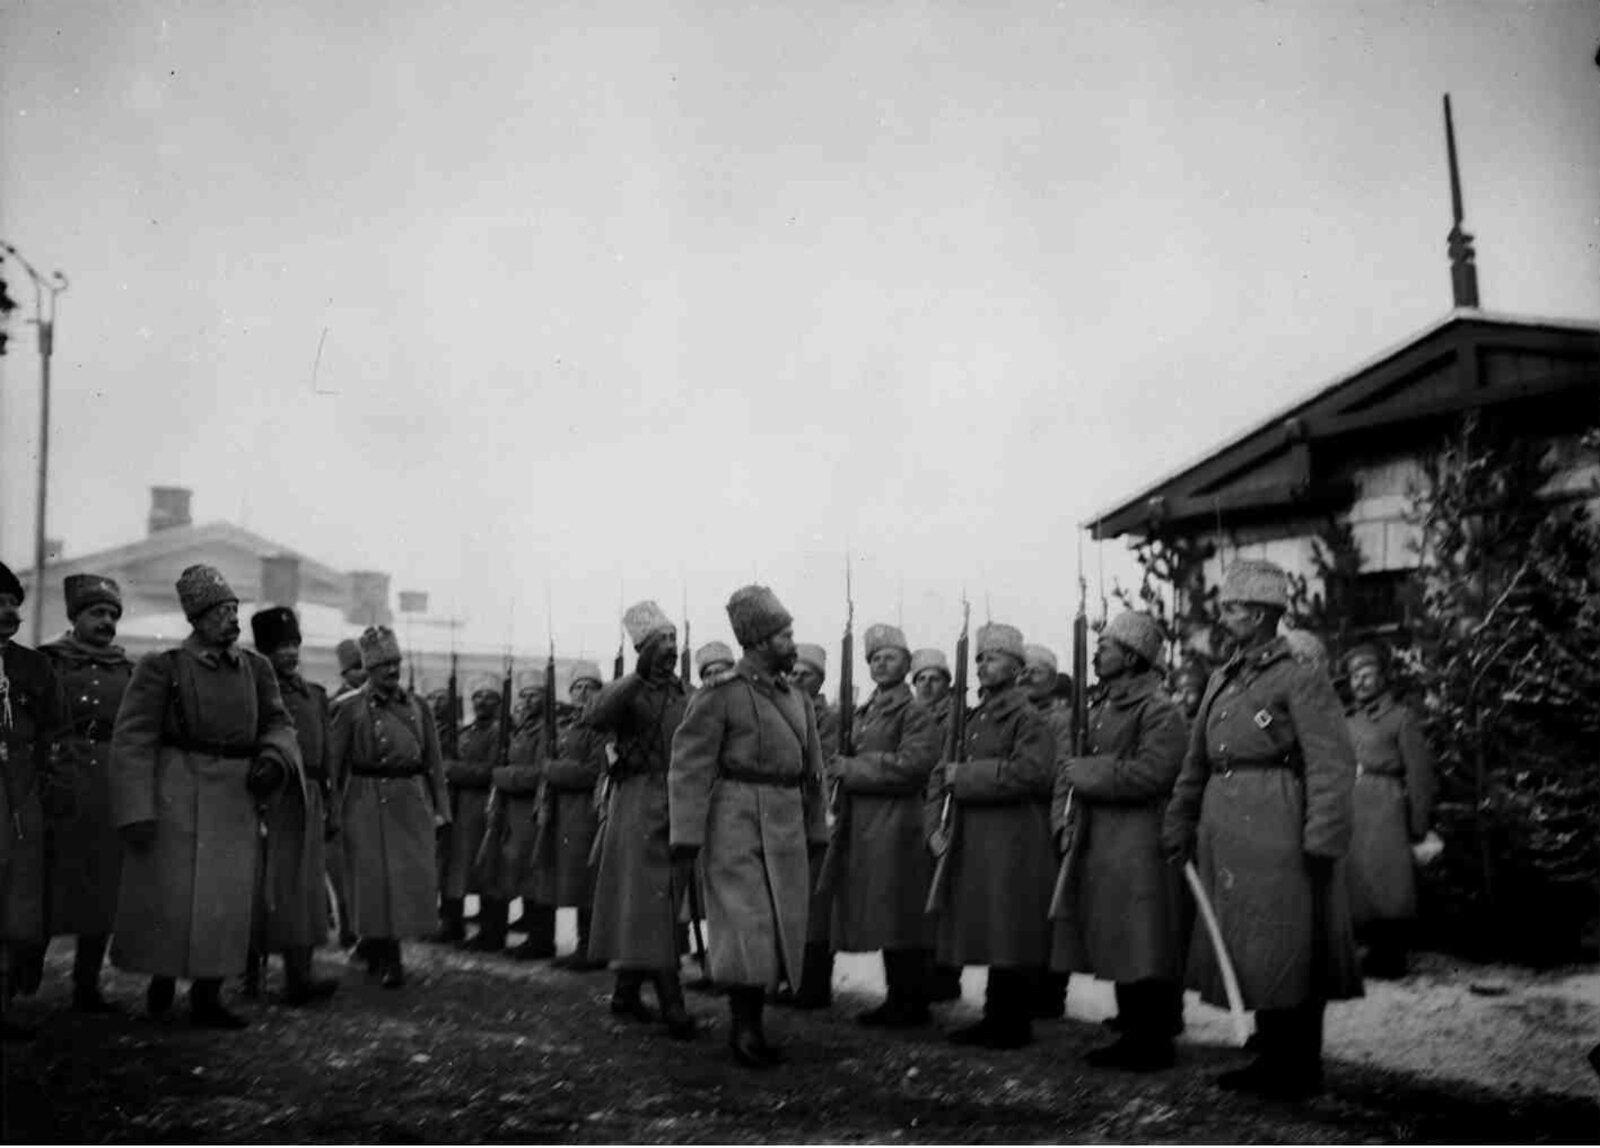 03. 1914. Николай II обходит роту почетного караула во время прибытия в Сарыкамыш